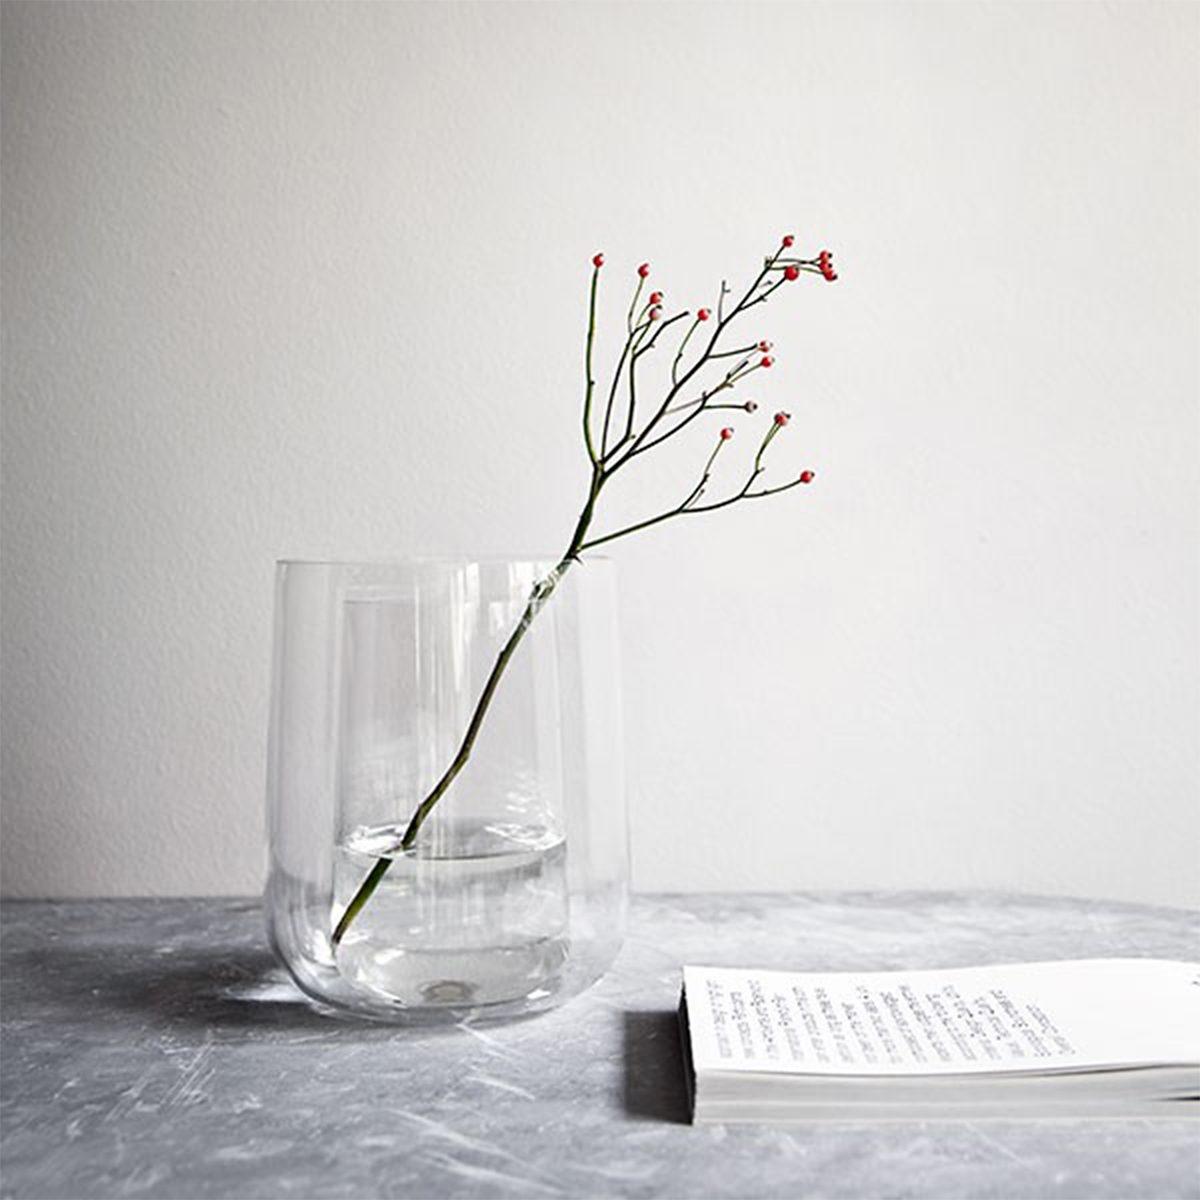 MENU Menu Vase in Vase